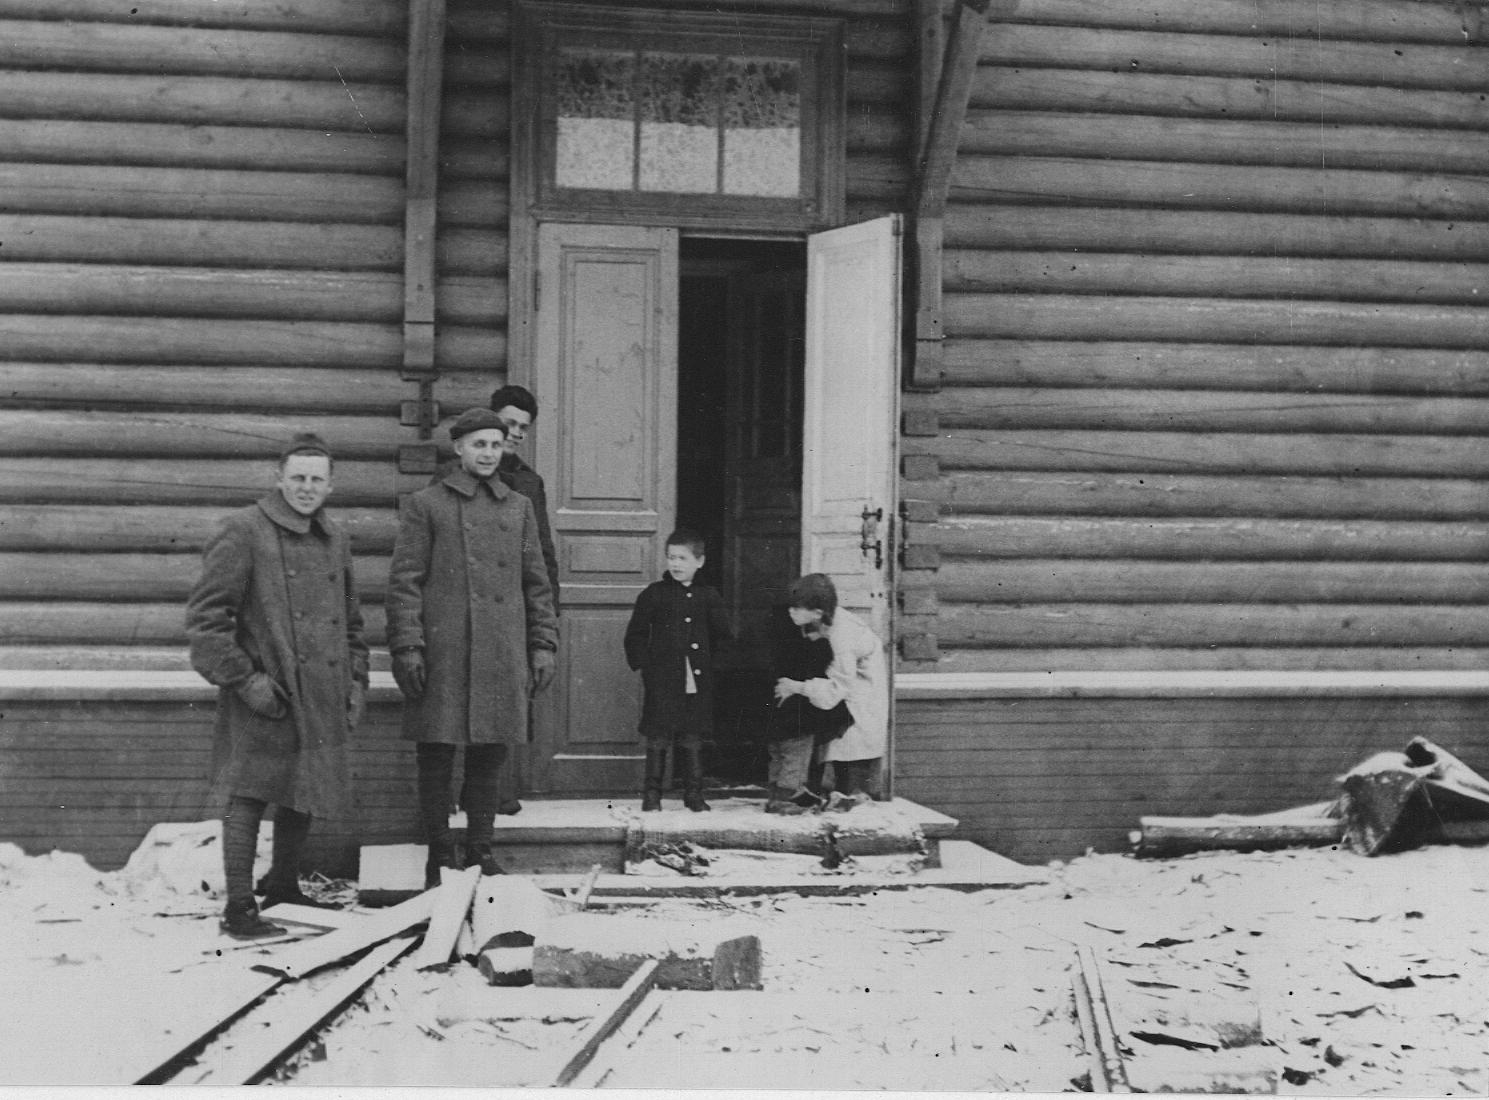 Архангельск. Американские солдаты и несколько детей, которых они обнаружили голодающими